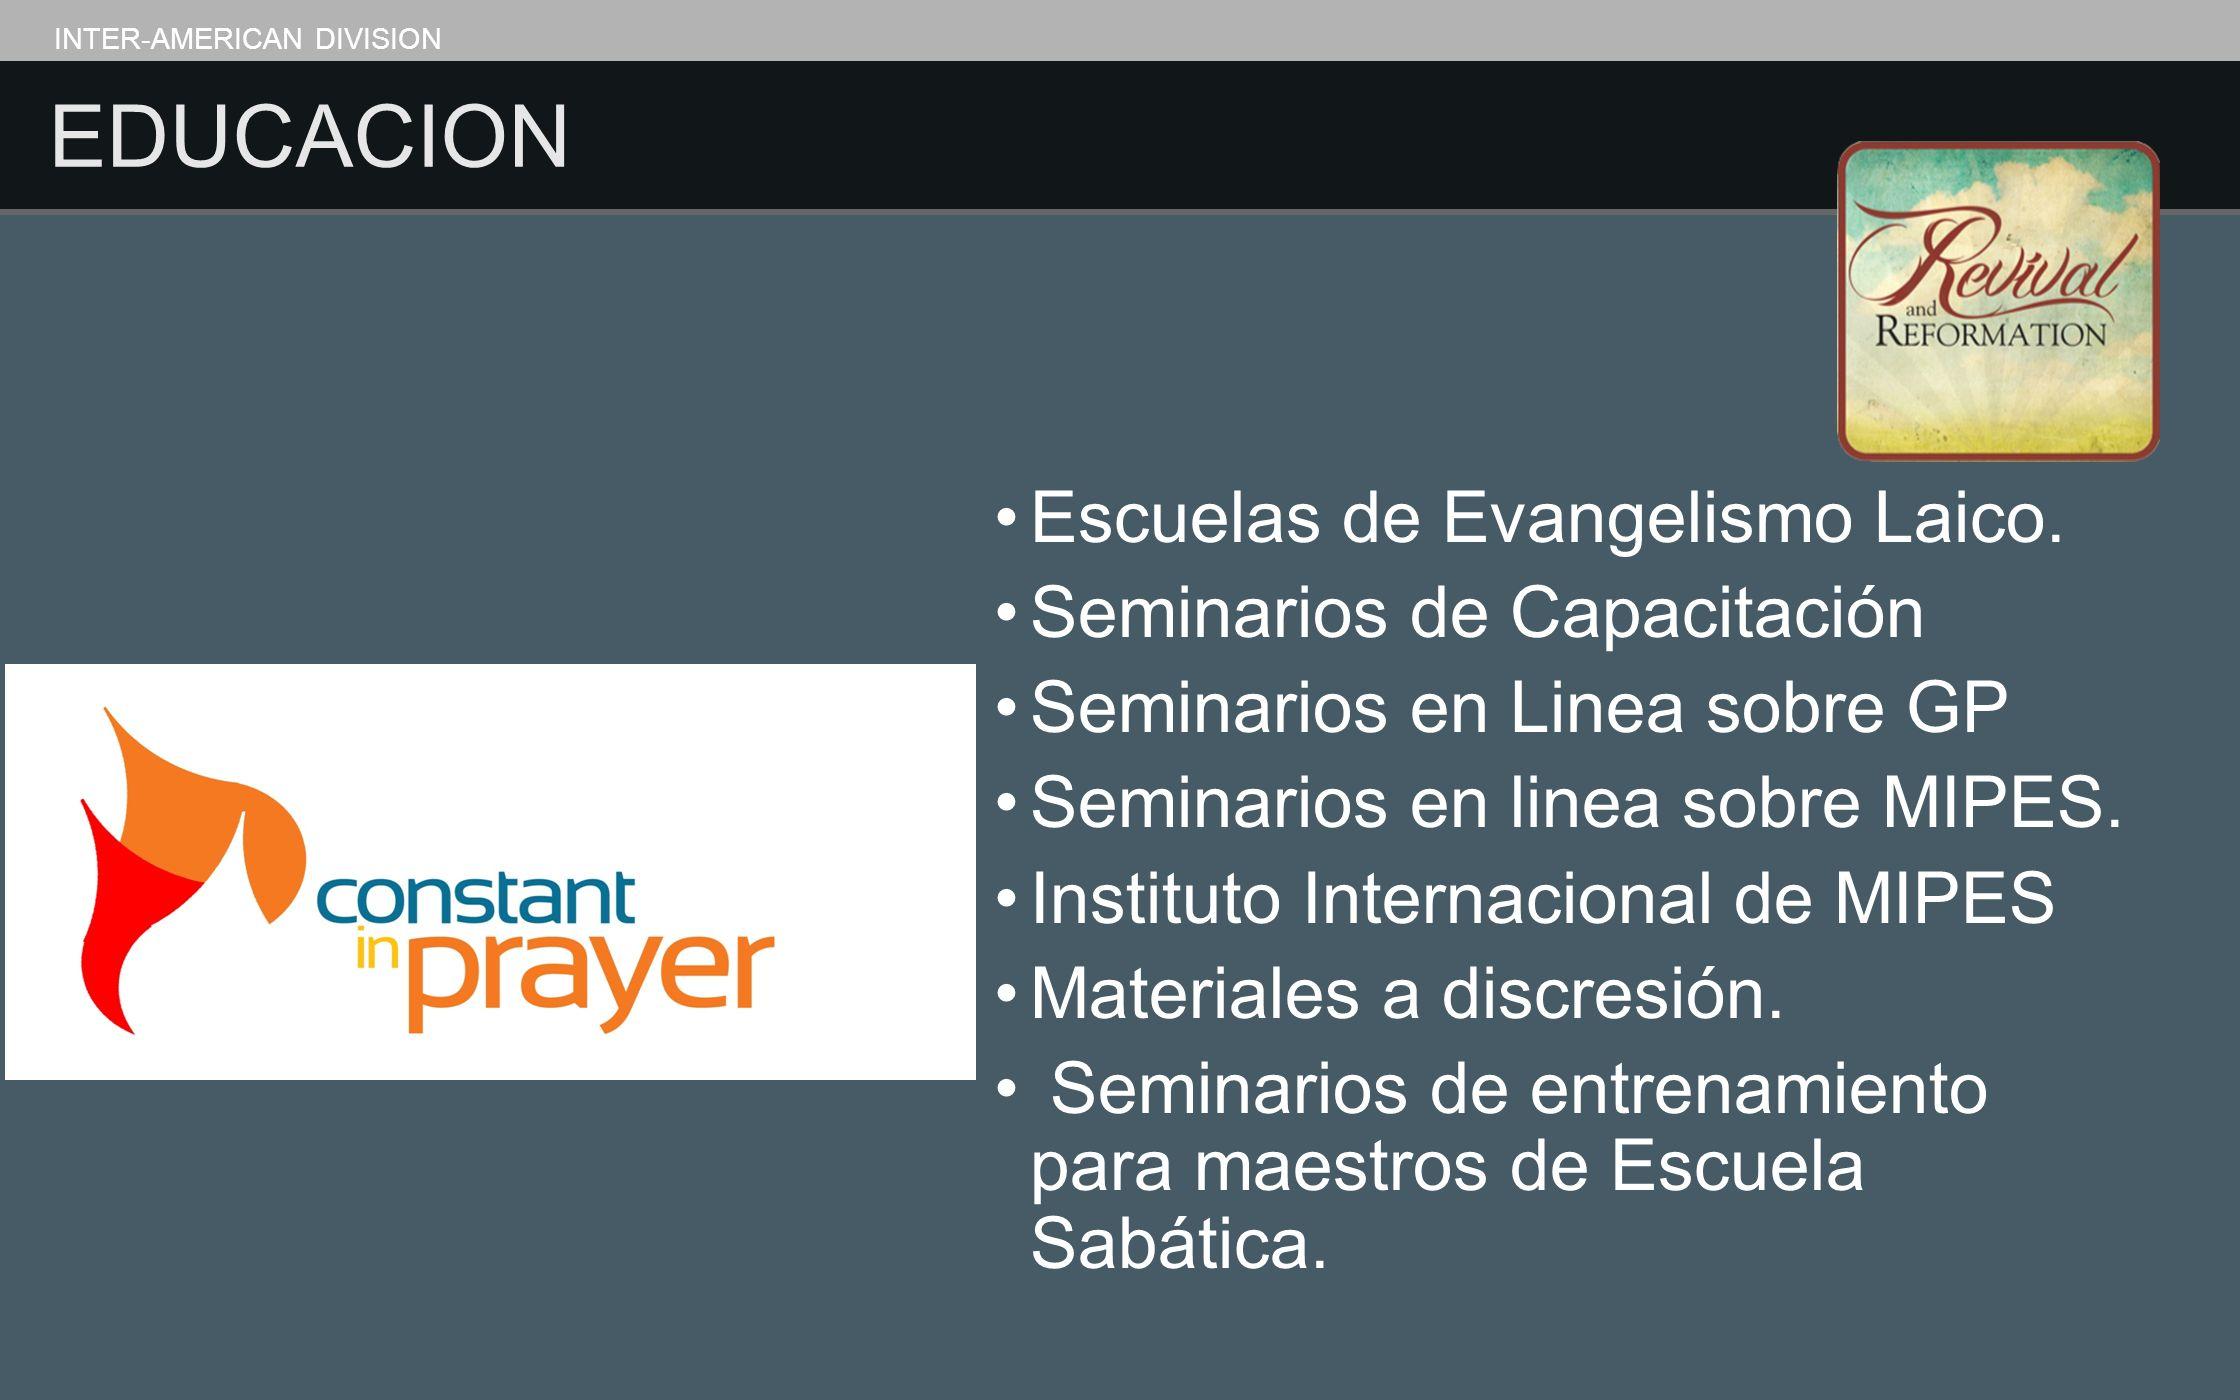 EDUCACION INTER-AMERICAN DIVISION Escuelas de Evangelismo Laico. Seminarios de Capacitación Seminarios en Linea sobre GP Seminarios en linea sobre MIP